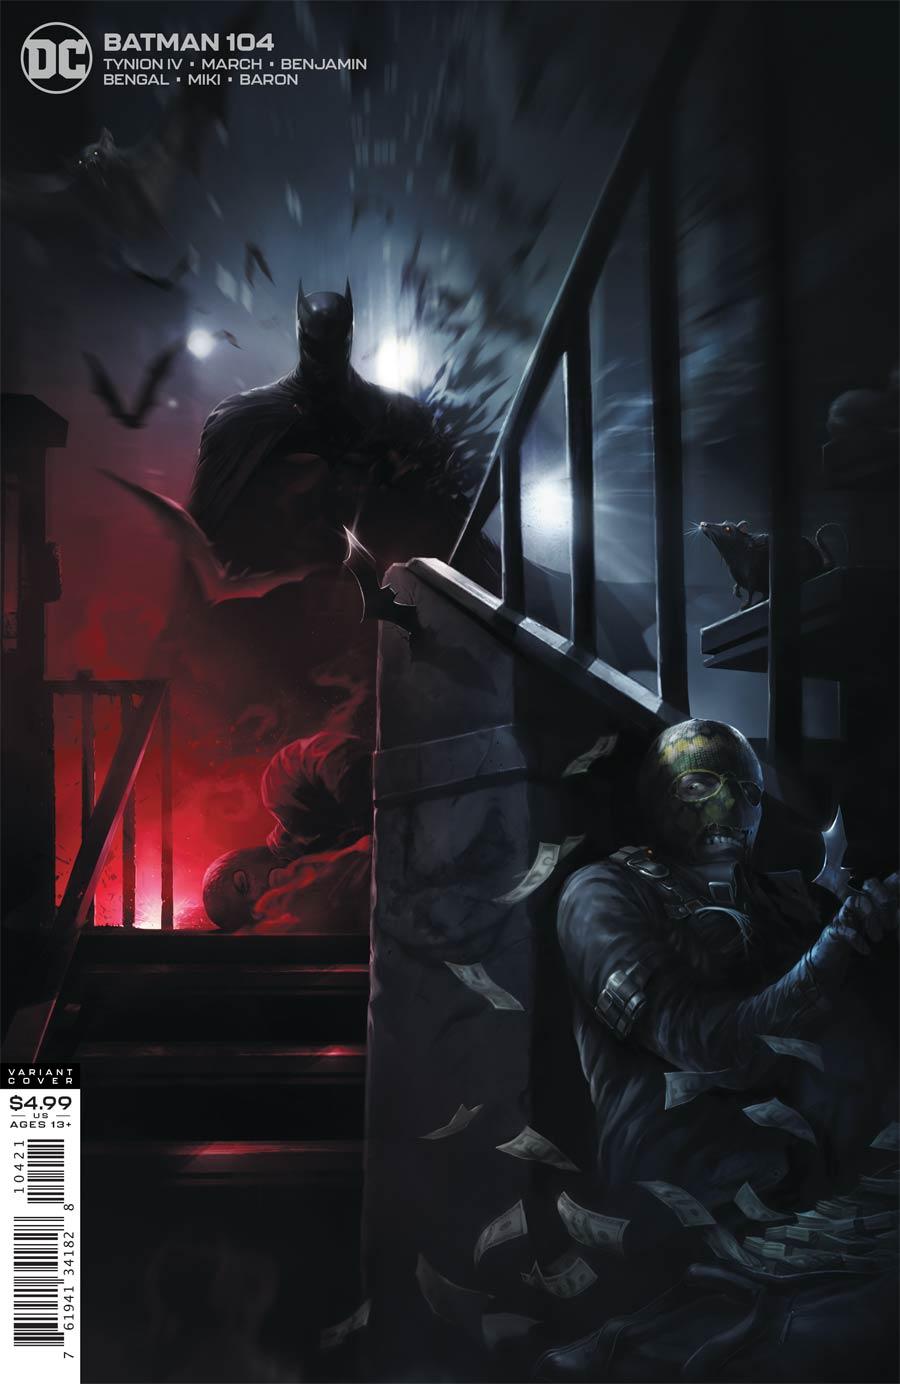 Batman Vol 3 #104 Cover B Variant Francesco Mattina Card Stock Cover